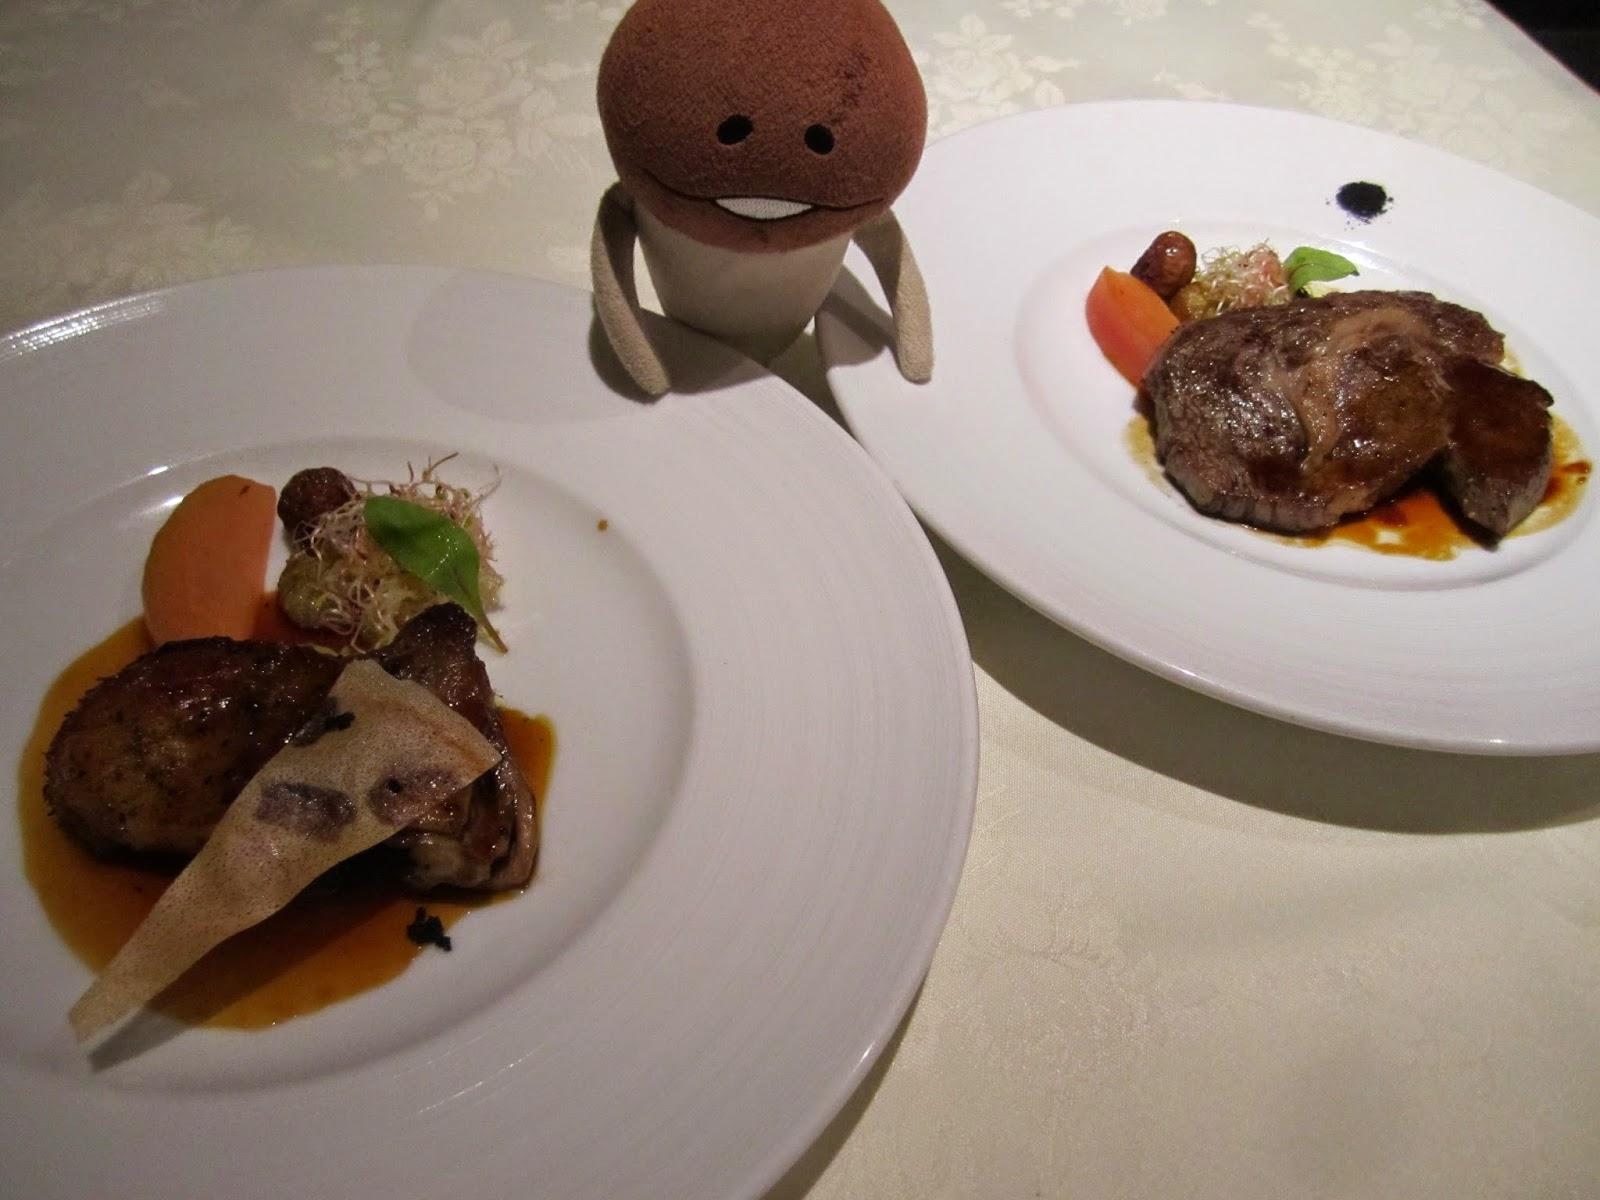 Hotel Neuschloss Otaru Blau Kuste duck confit with vinegar and red wine sauce Wagyu filet steak (120g)